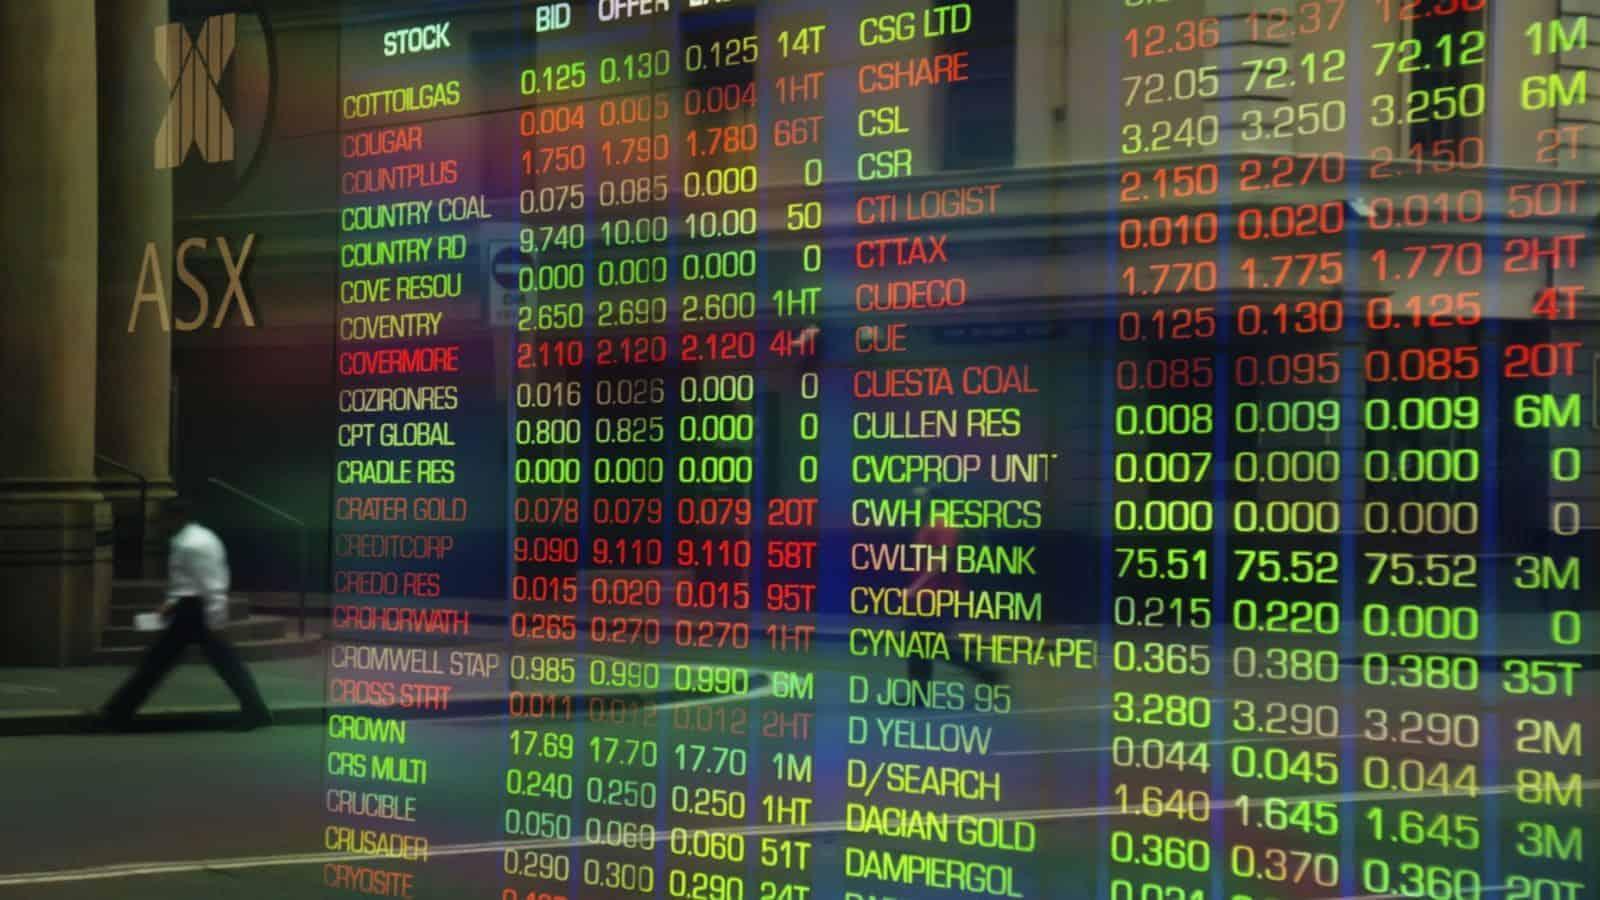 ASX stock market